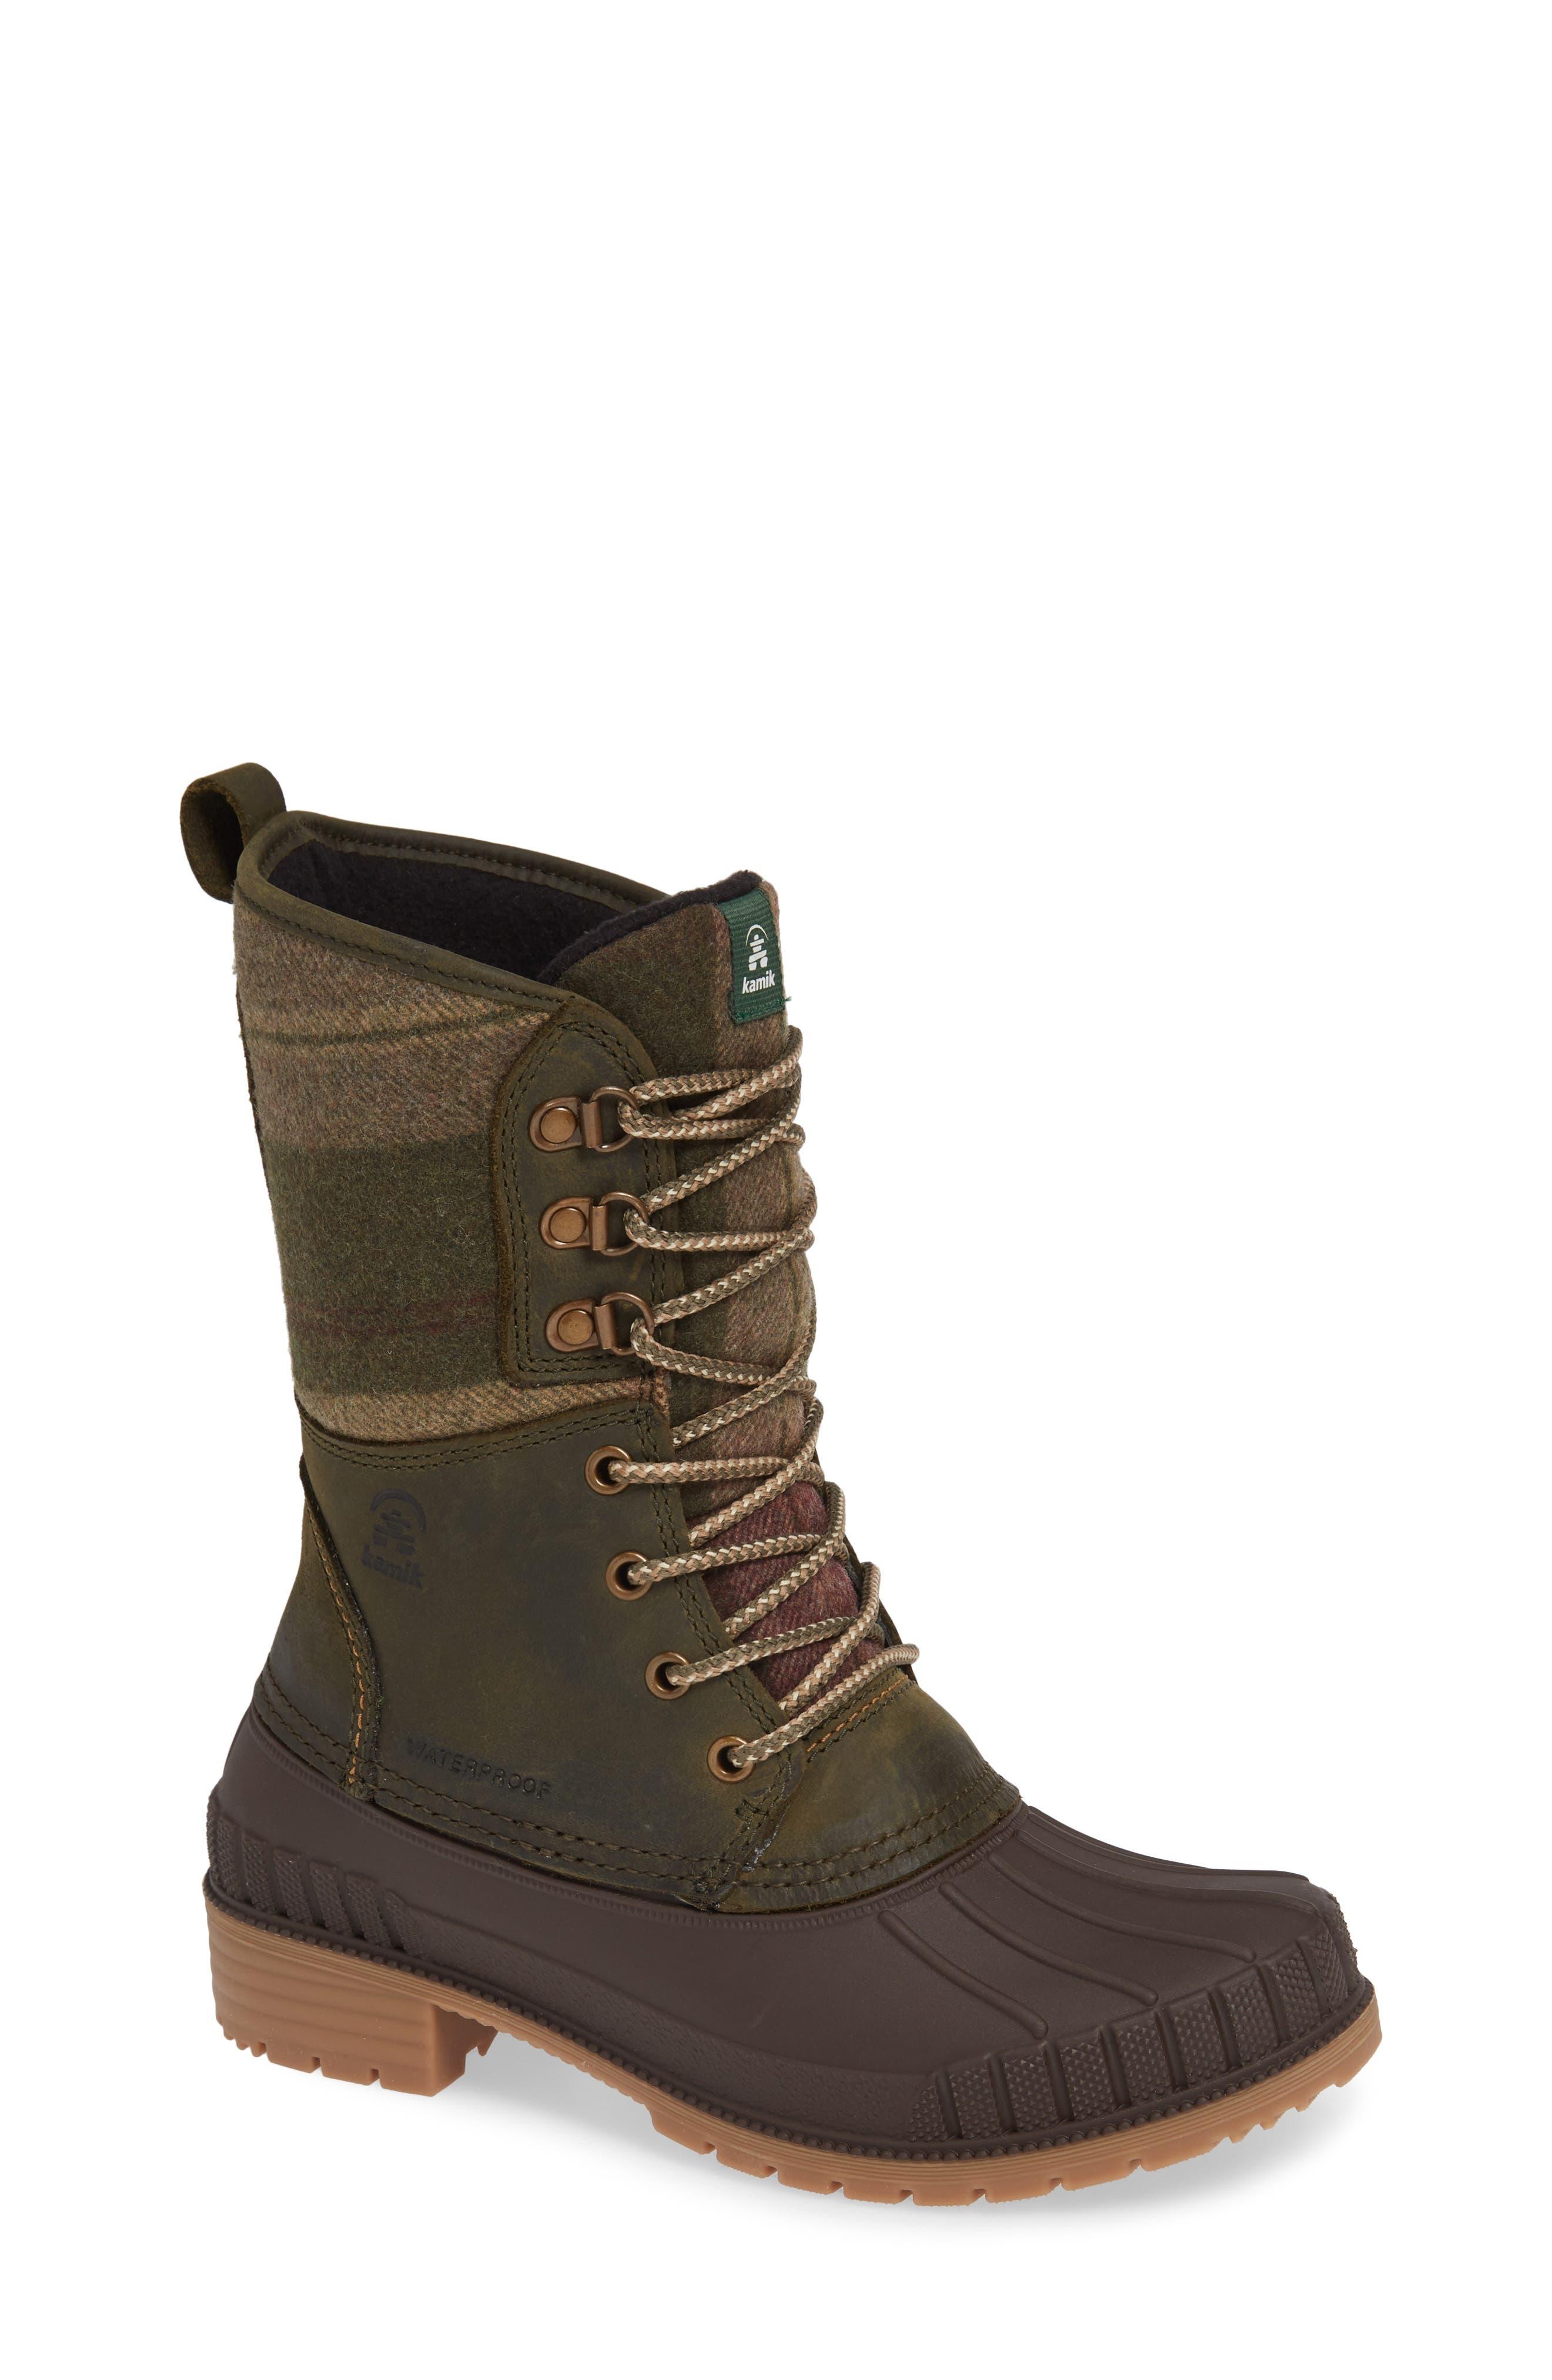 Kamik Sienna 2 Duck Waterproof Boot, Green